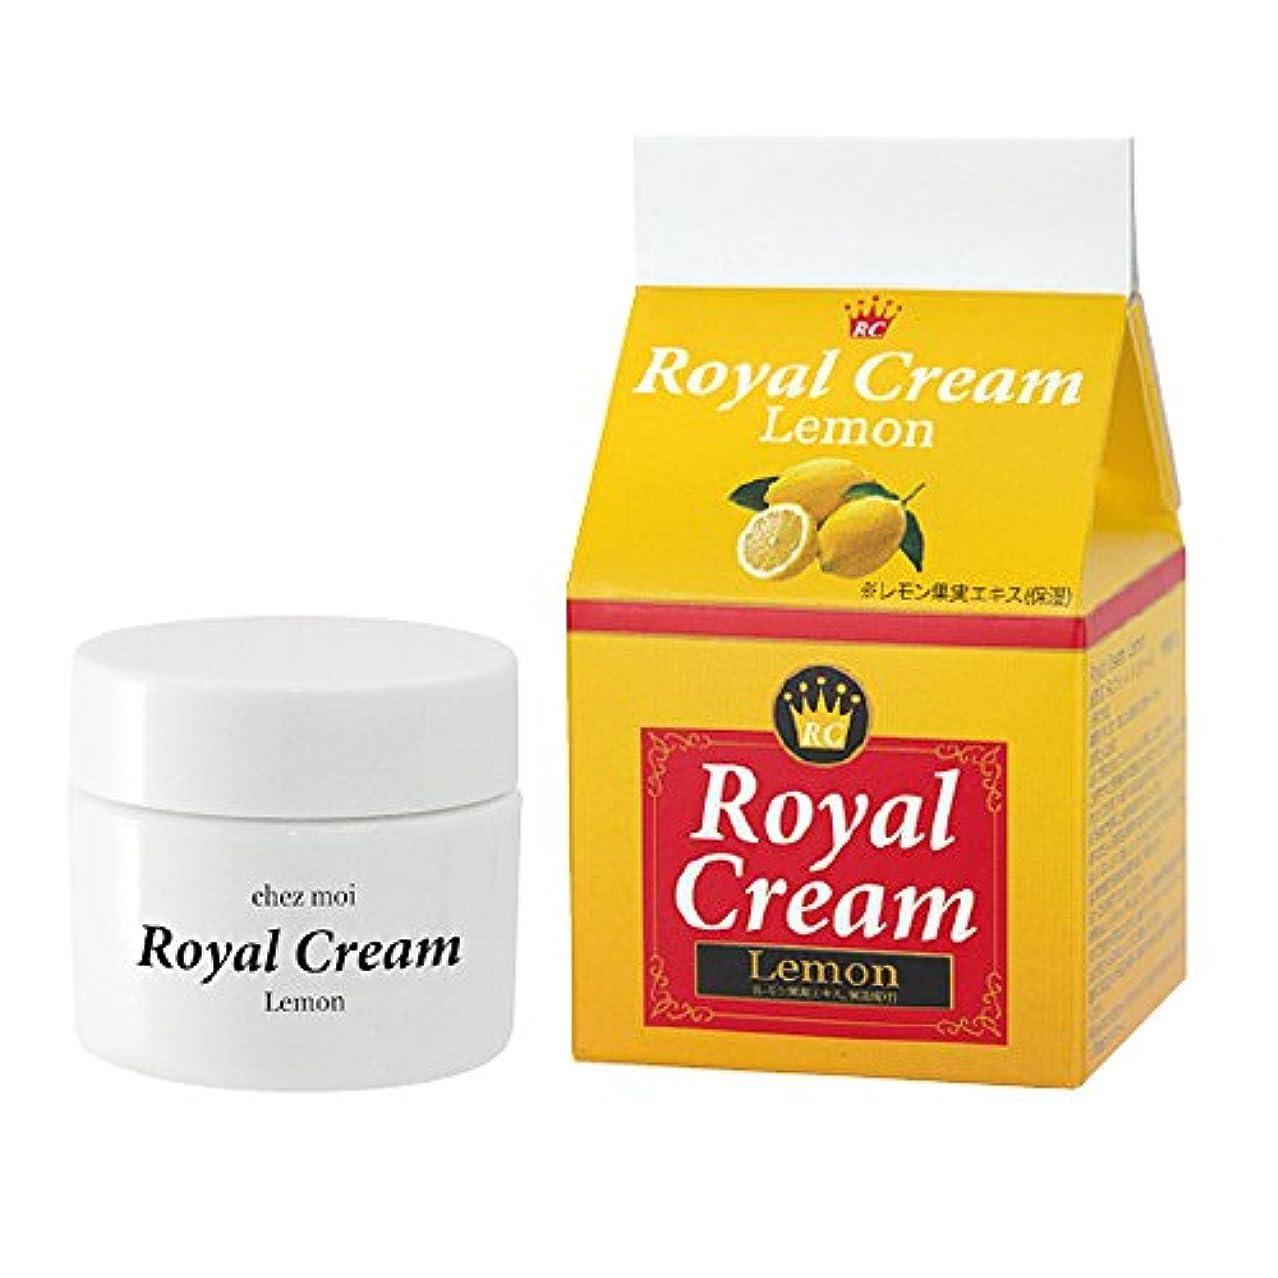 シェモア Royal Cream Lemon(ロイヤルクリームレモン) 30g